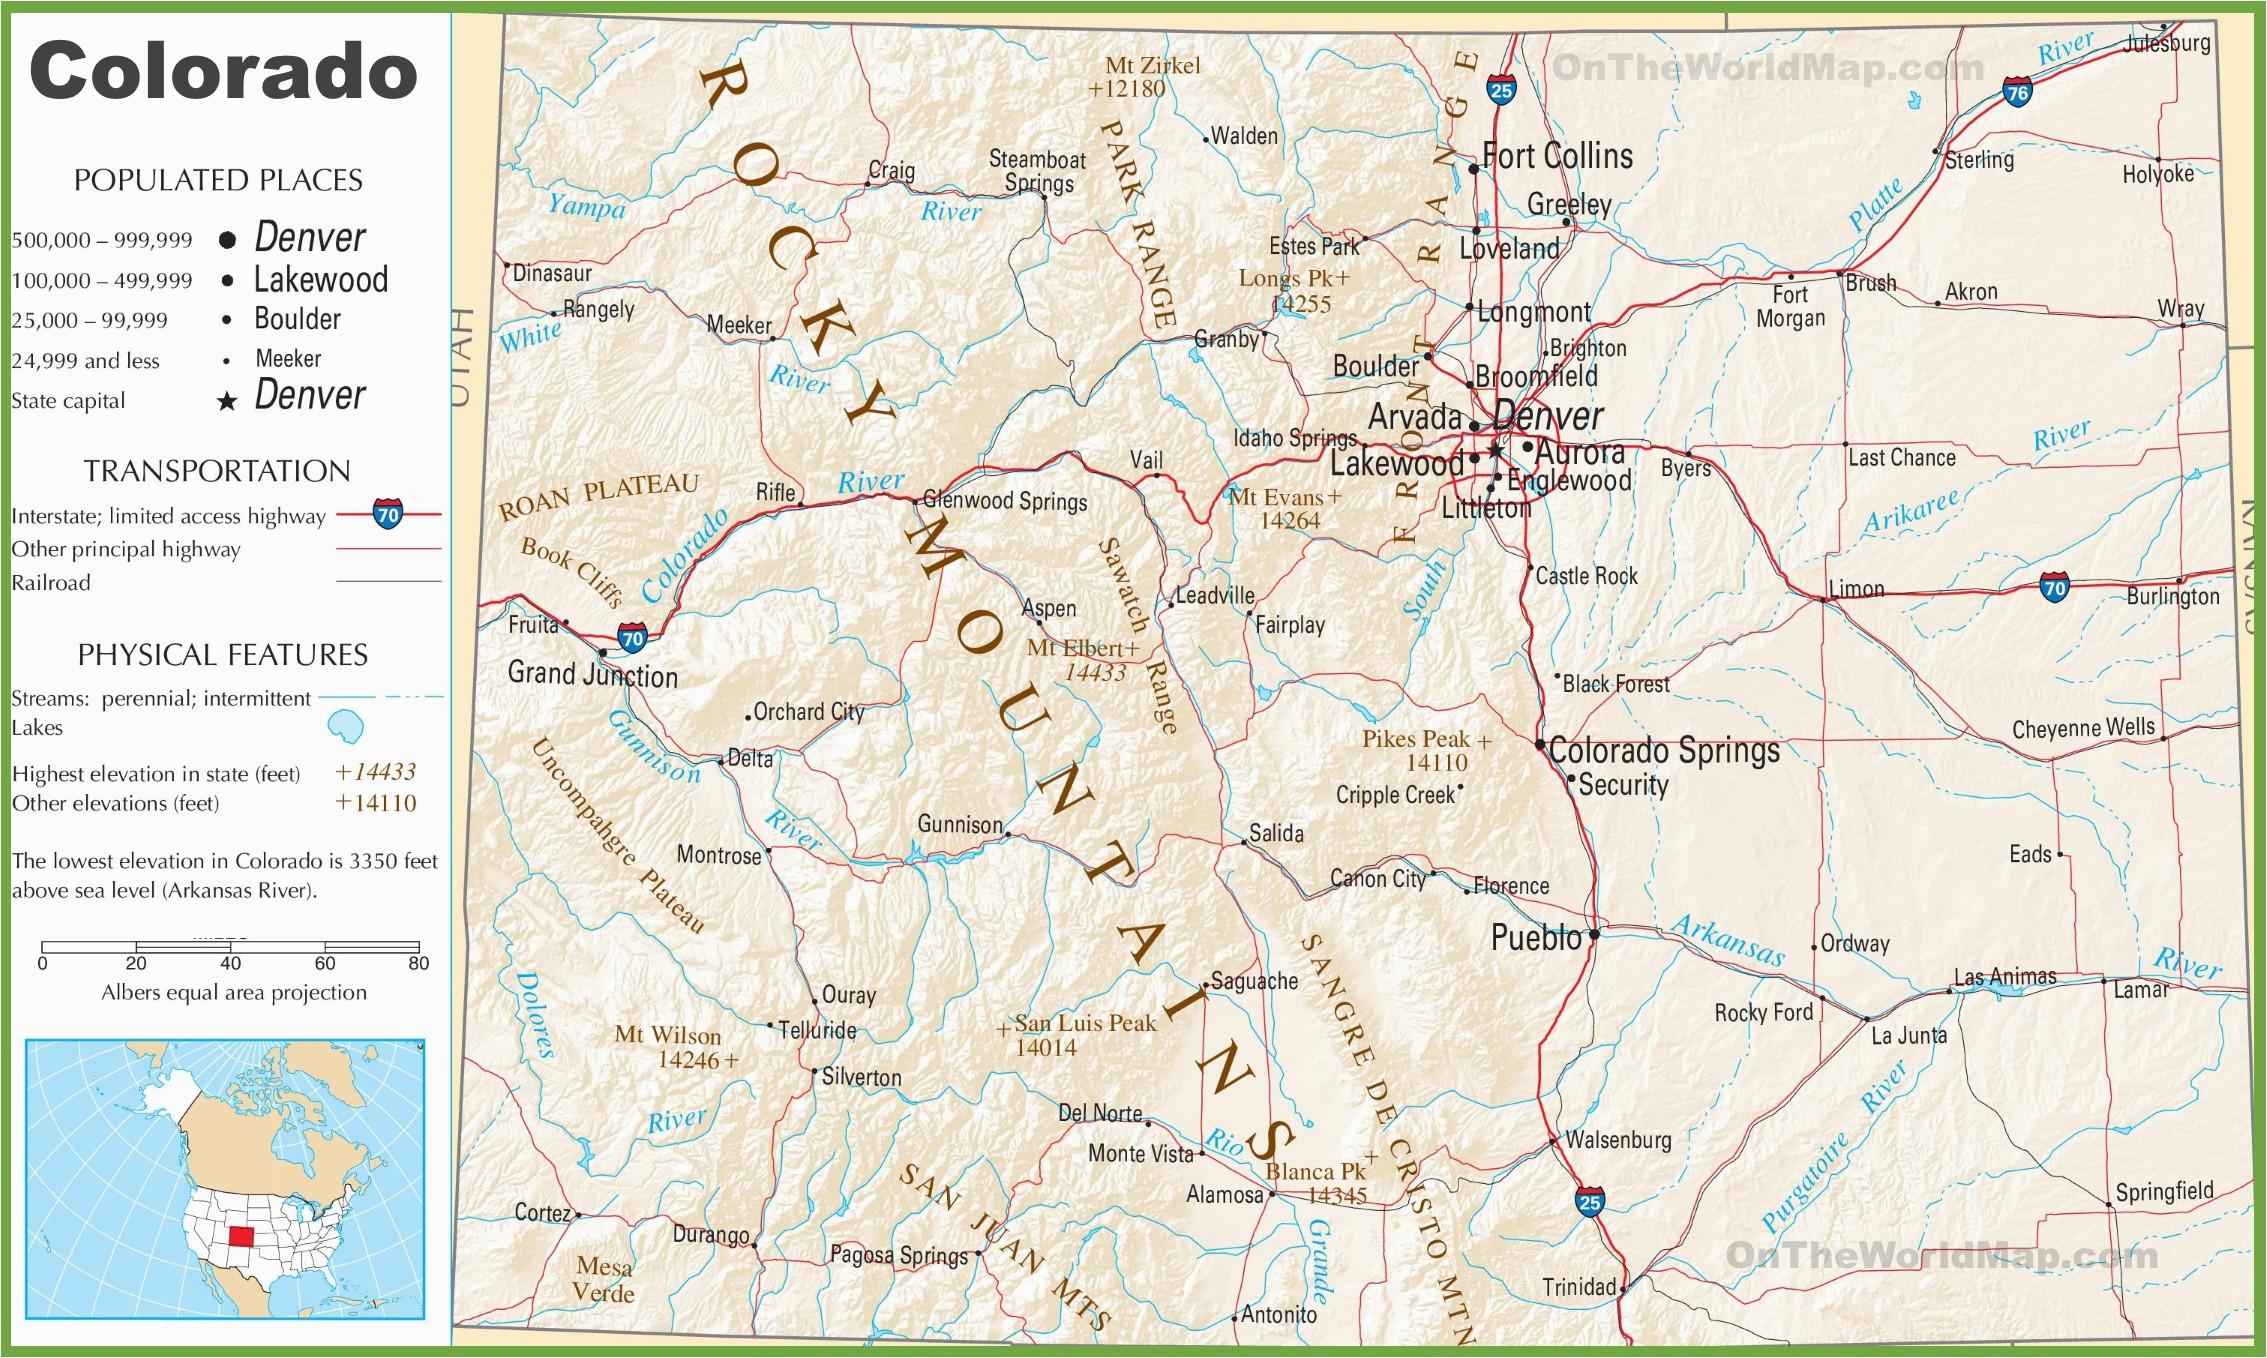 Colorado Mile Marker Map top Colorado Highway Map Photos ...